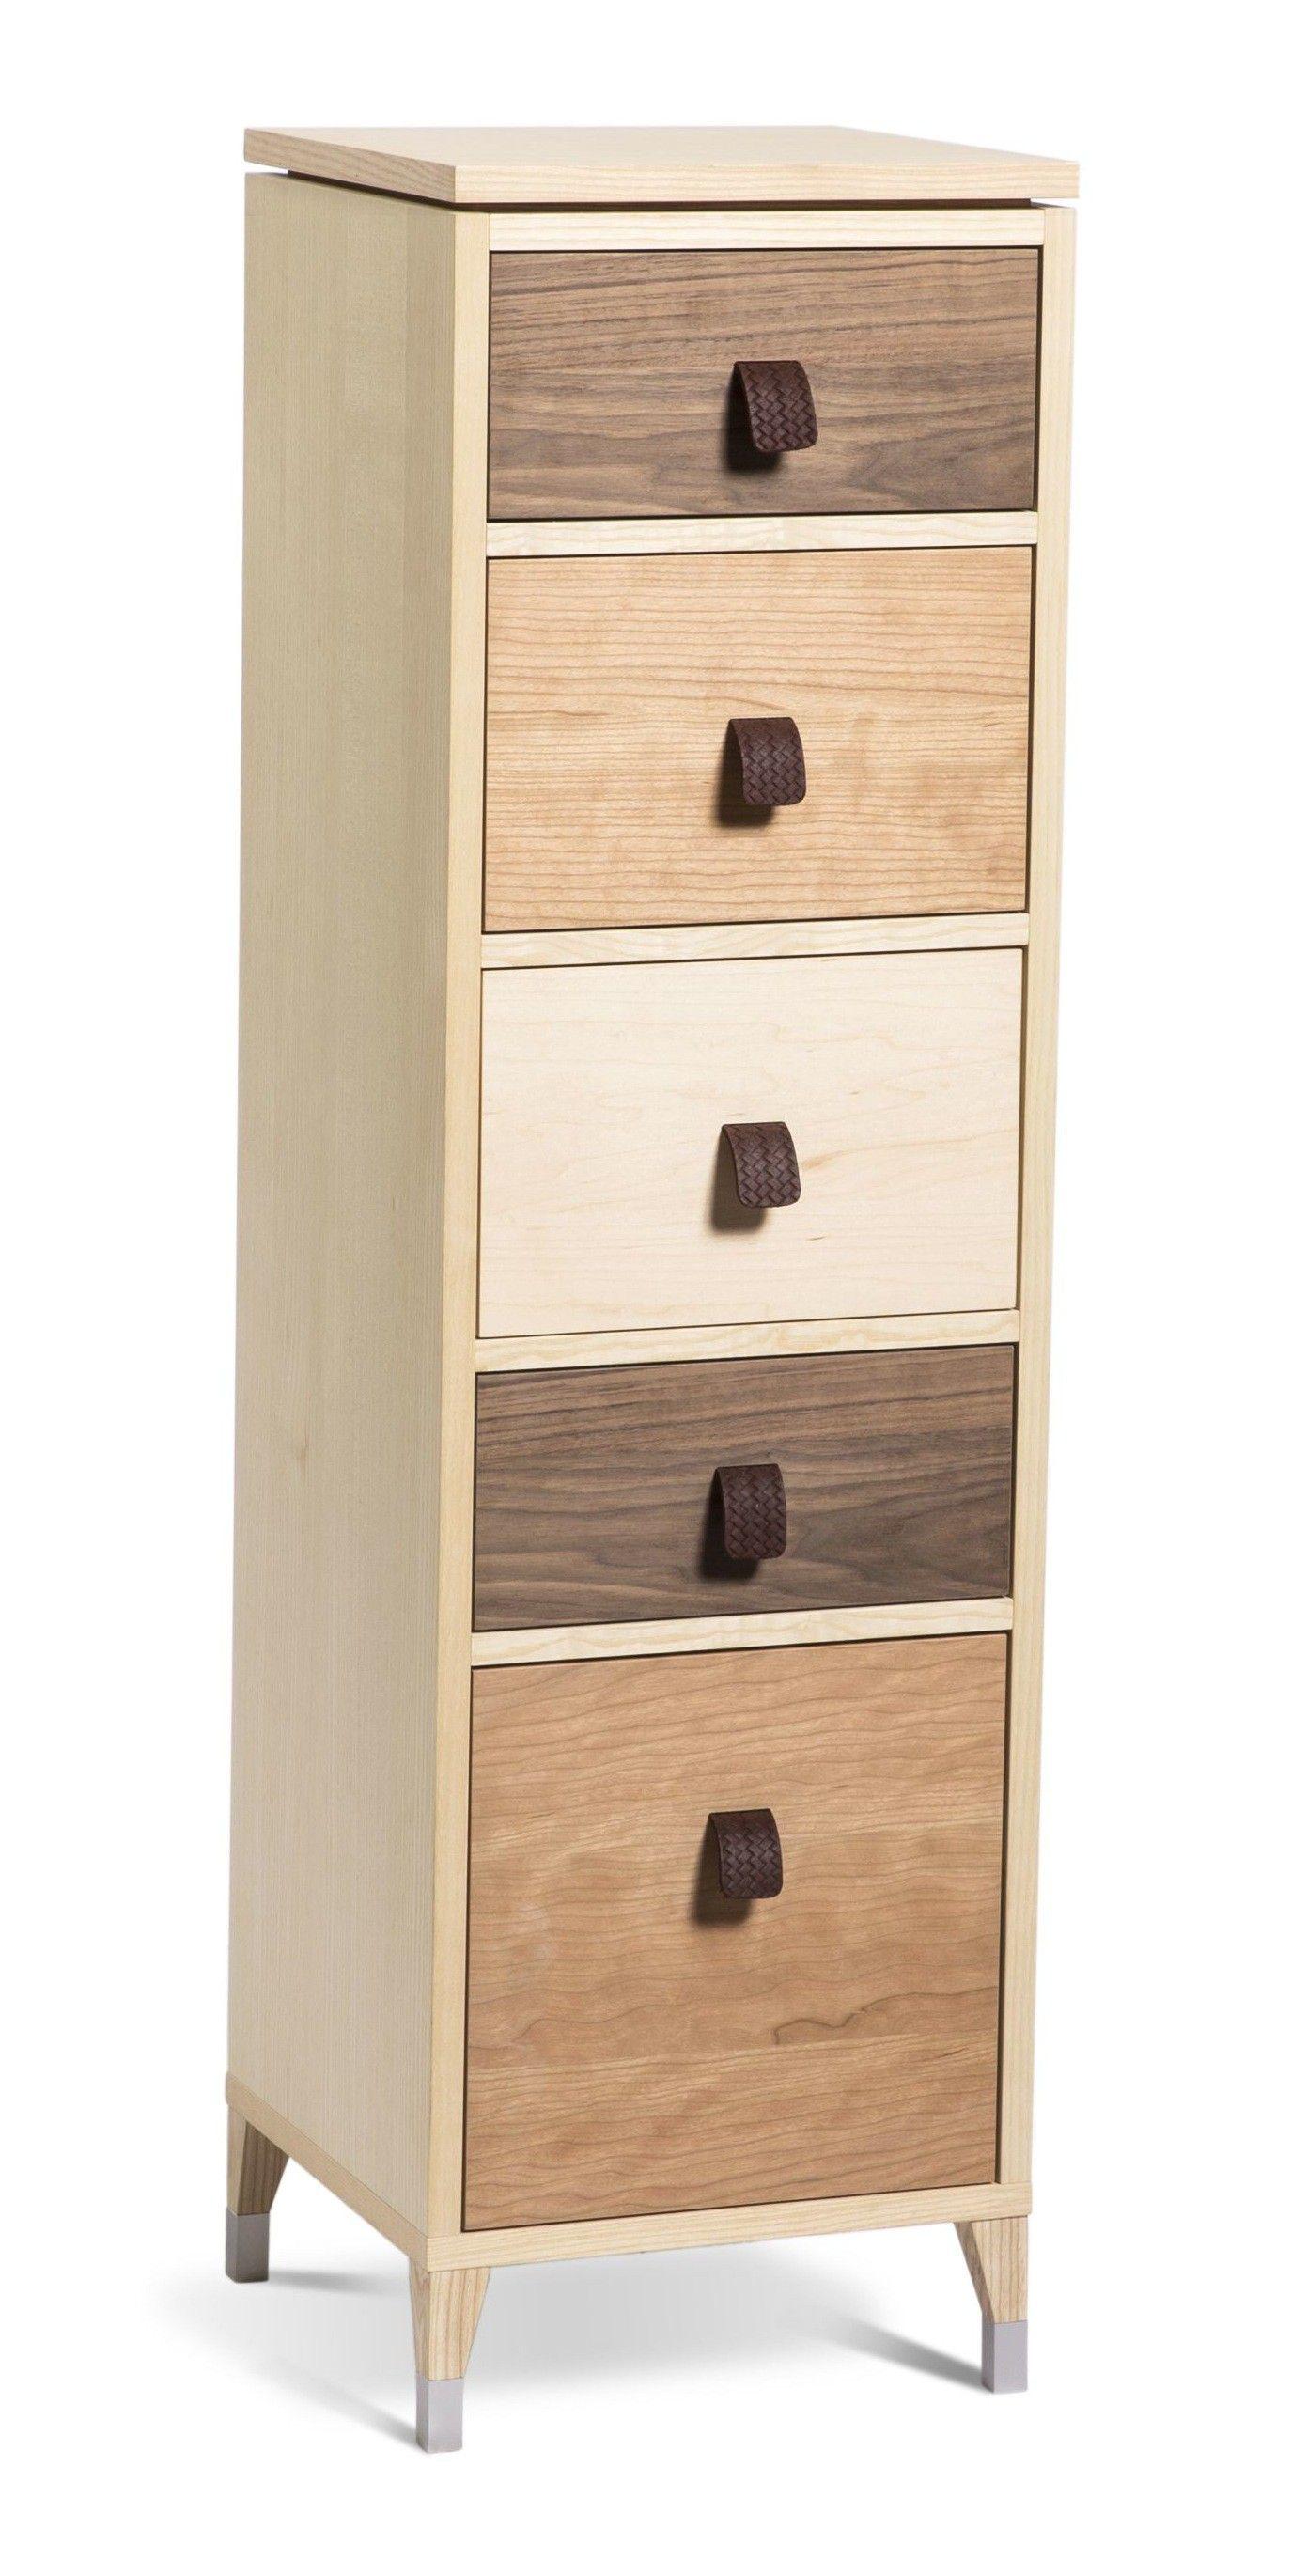 die besten 25 kommode ahorn ideen auf pinterest kommode kaufen hausreinigung und. Black Bedroom Furniture Sets. Home Design Ideas